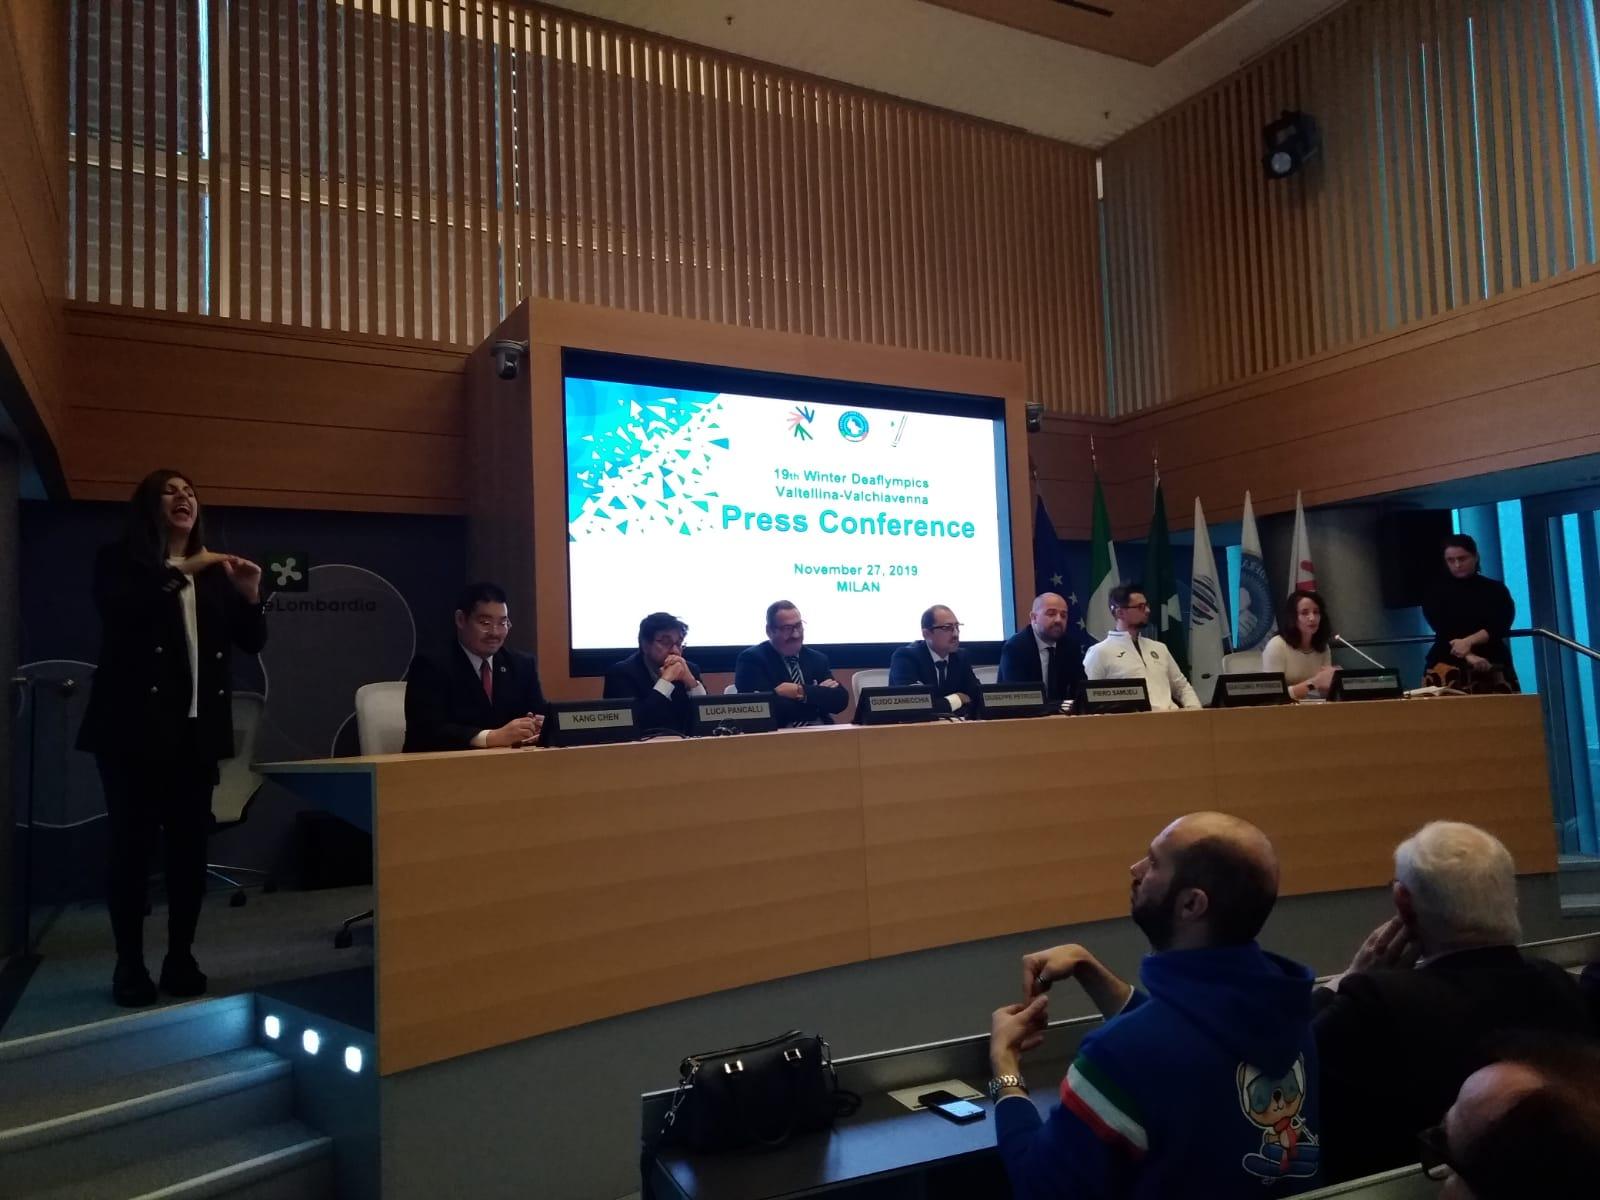 """Presentate a Milano le 19th Winter Deaflympics. Il Presidente Guido Zanecchia: """"Una grande sfida che abbiamo vinto"""""""